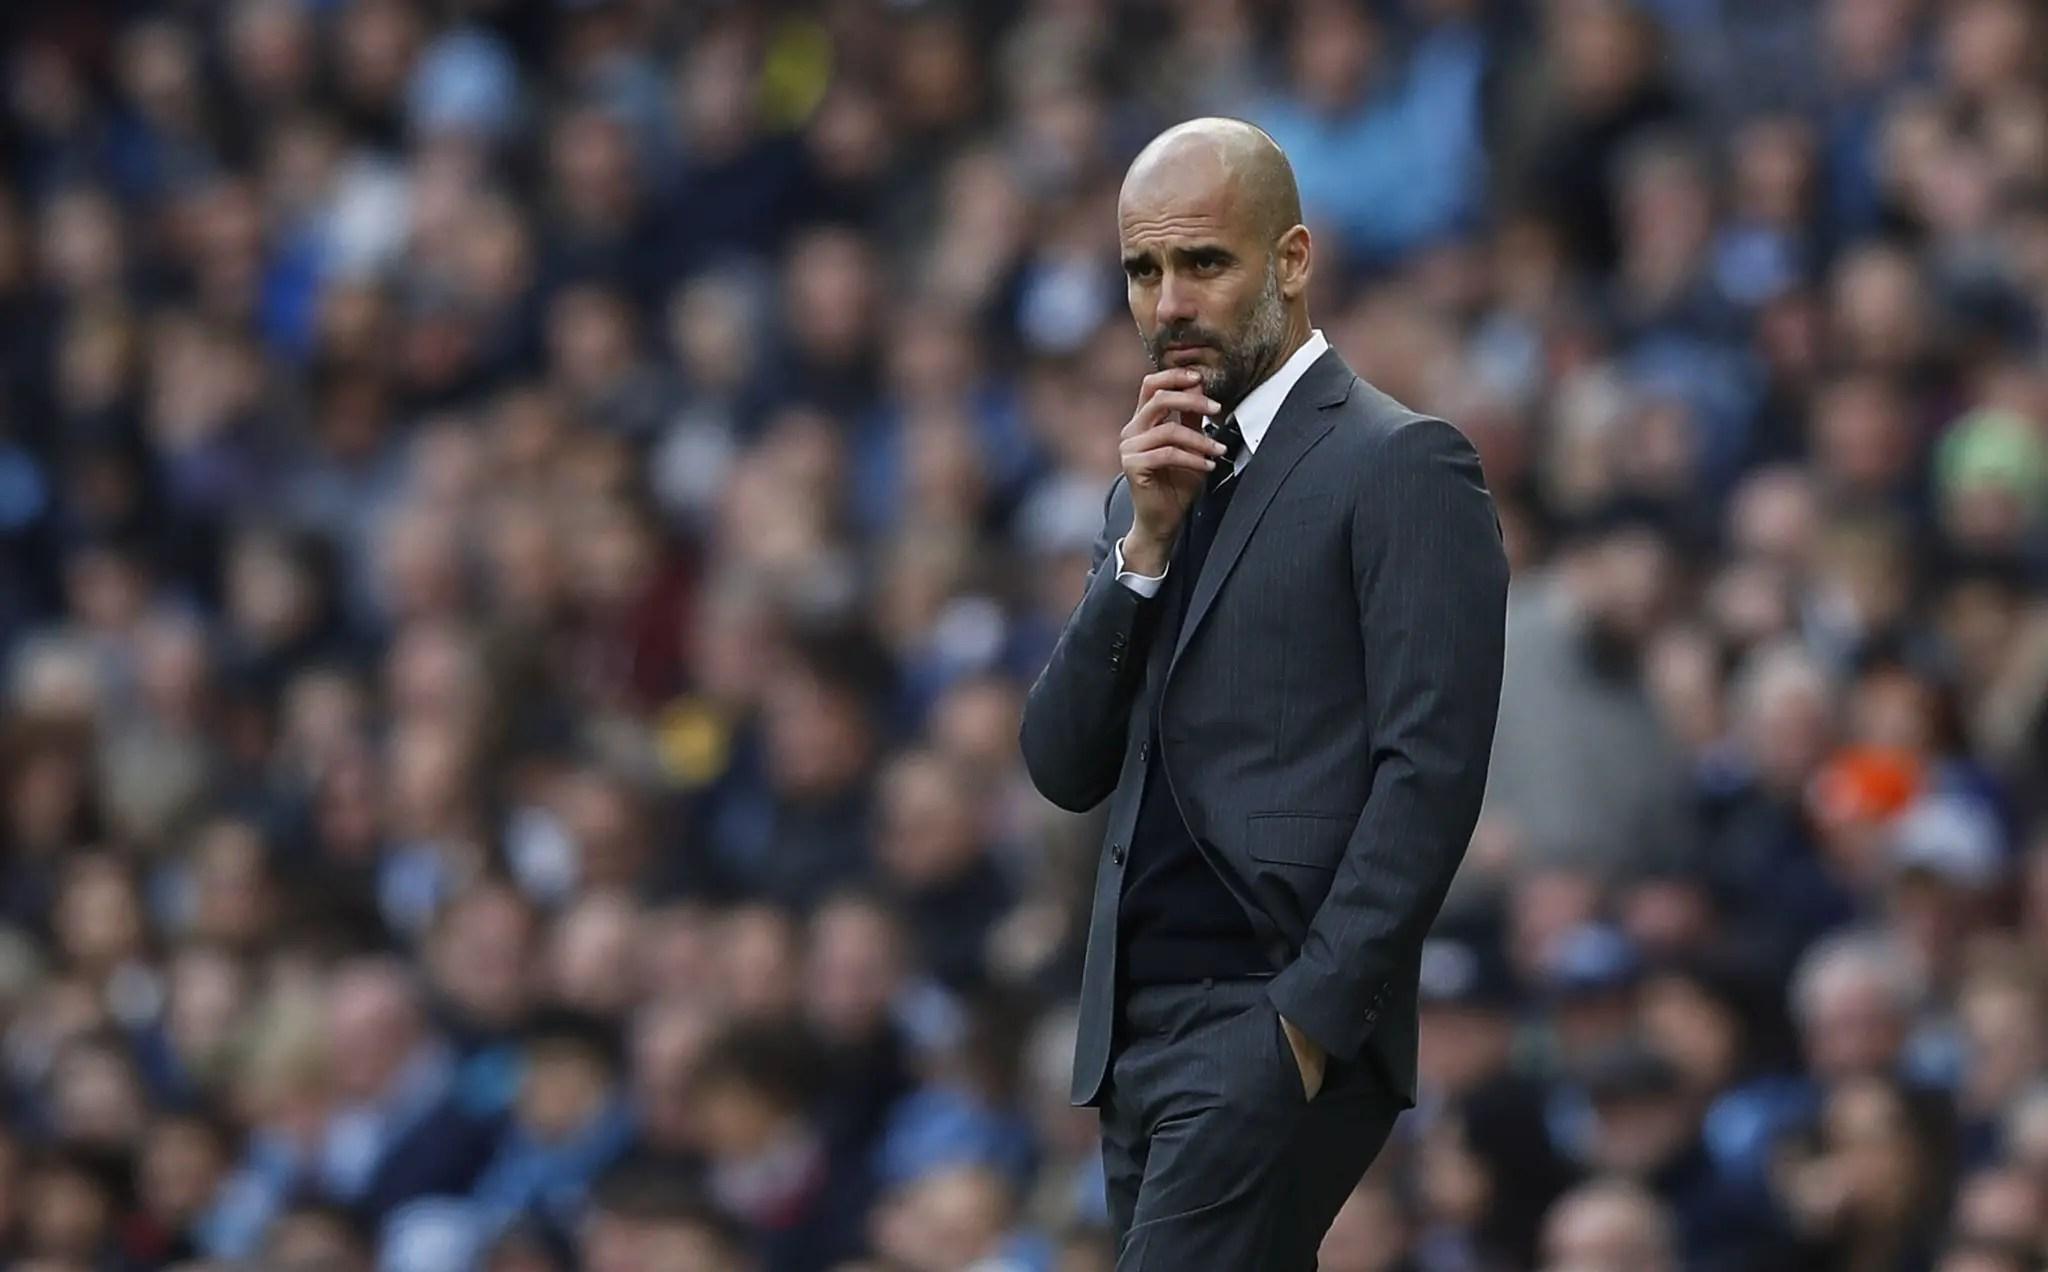 Guardiola Dismisses Reports Linking Sanchez To Man City